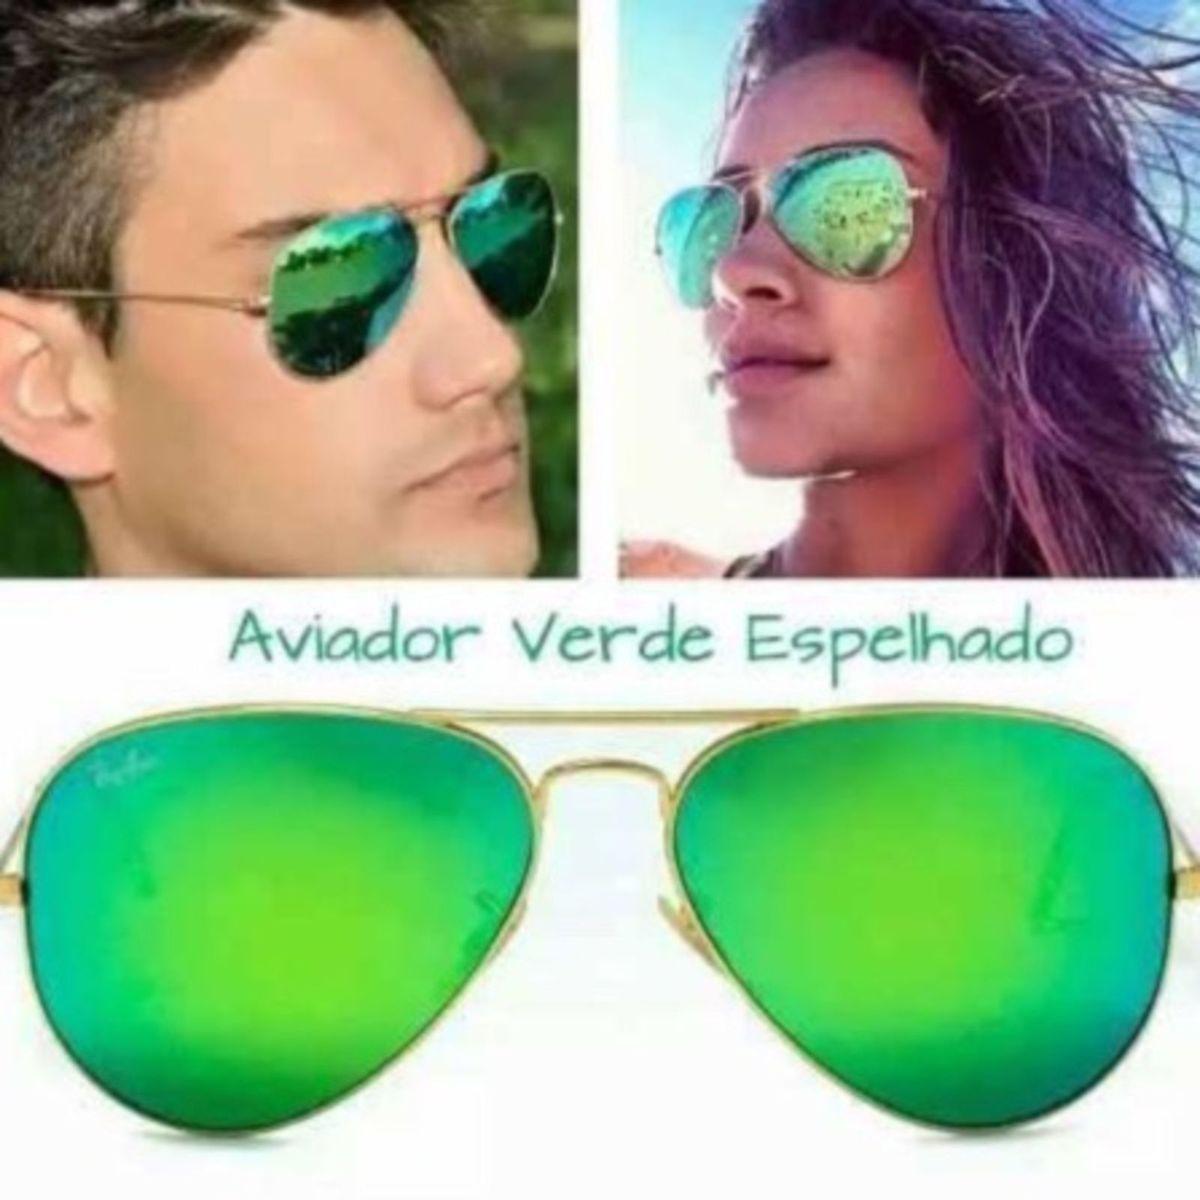 Óculos Rayban Espelhado Verde Originalm   Óculos Feminino Rayban ... 7632eac358